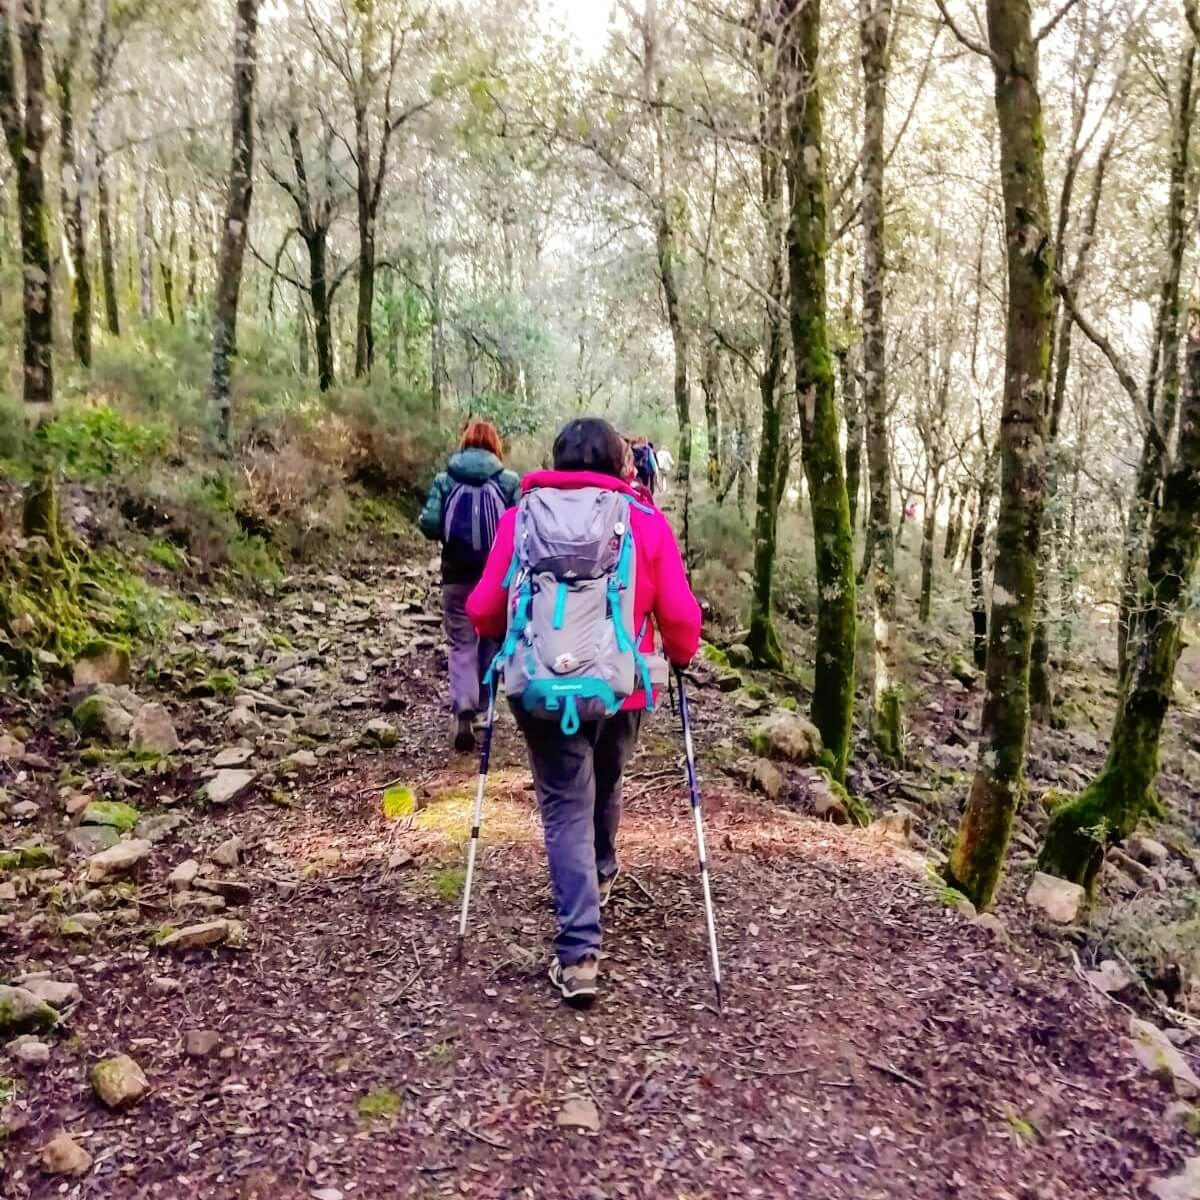 viaggiare-zaino-in-spalla-trekking-is-cannoneris-sardegna